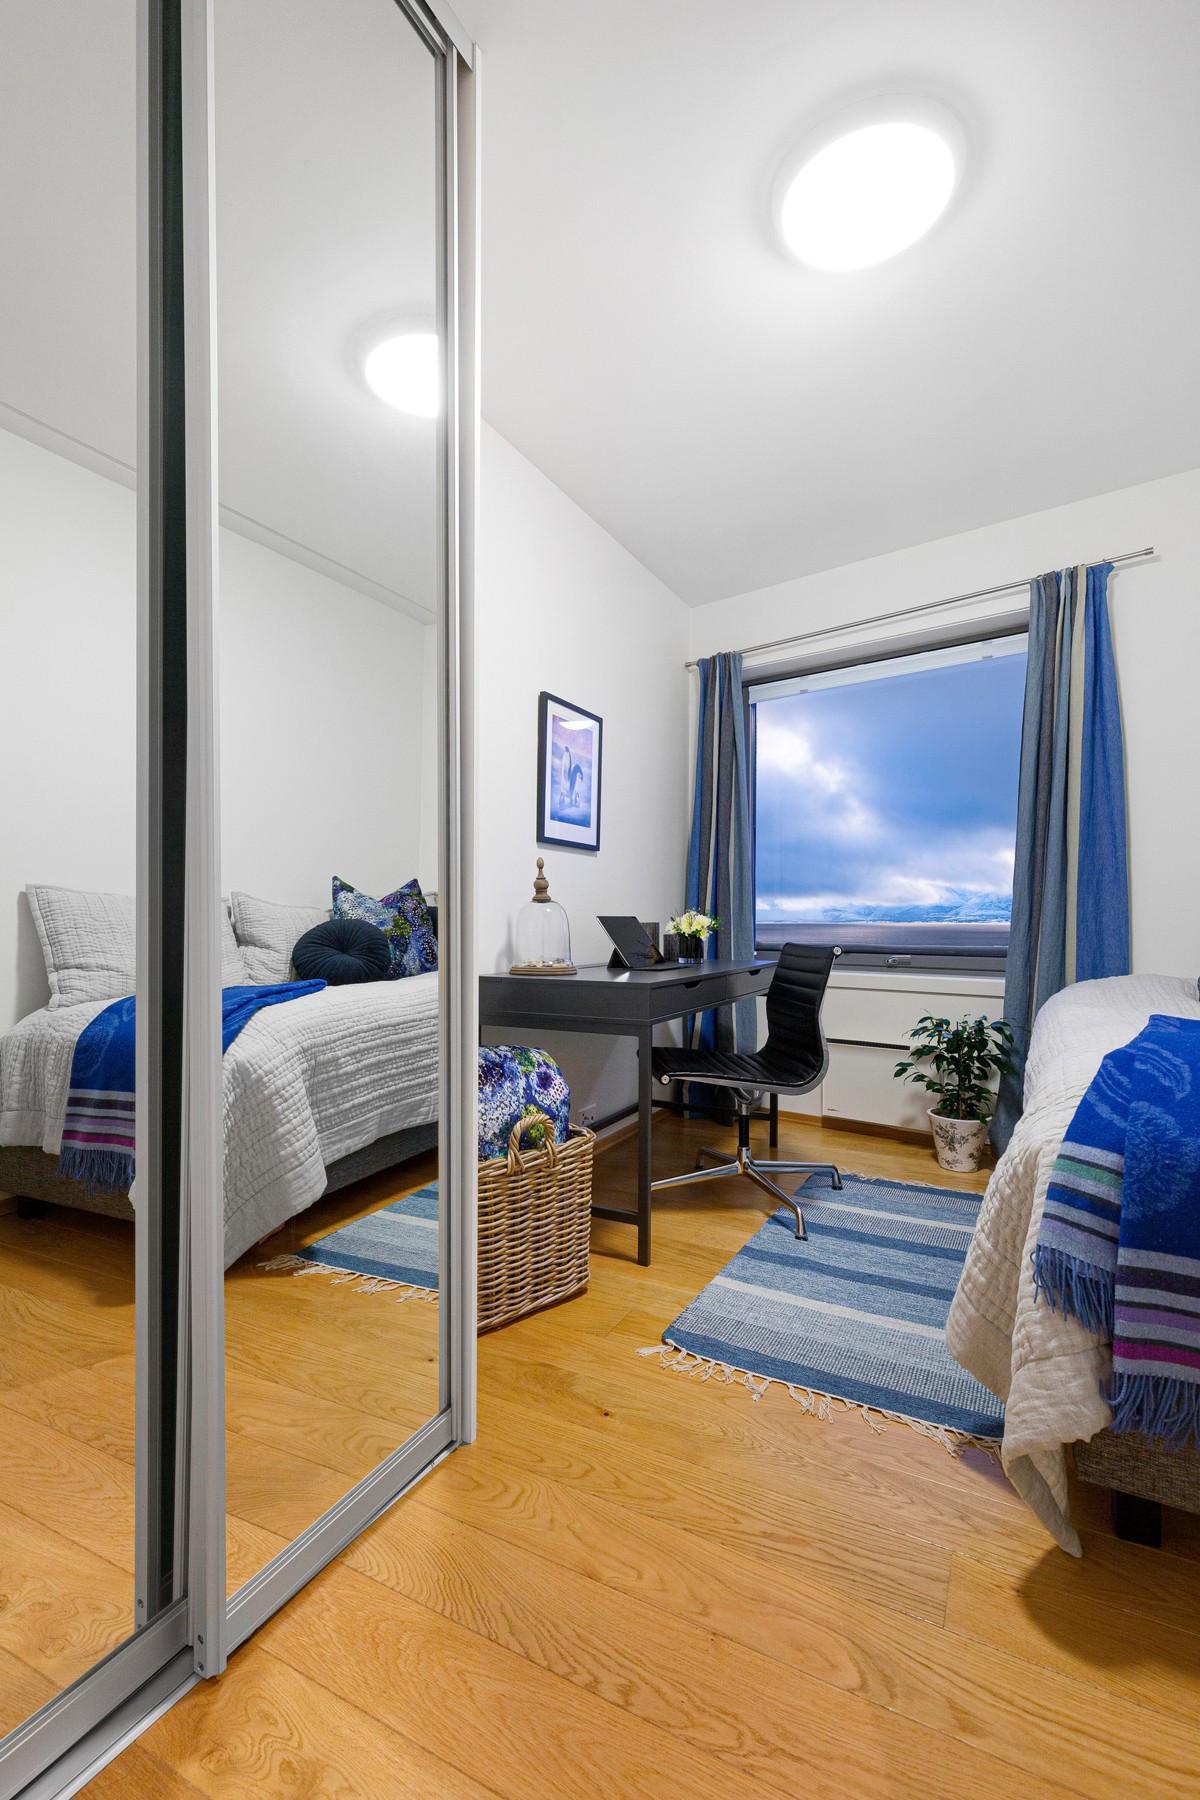 Soverom 4 / disponibelt rom mot øst - rommet har flott utsikt og innebygd skyvedørsgarderobe